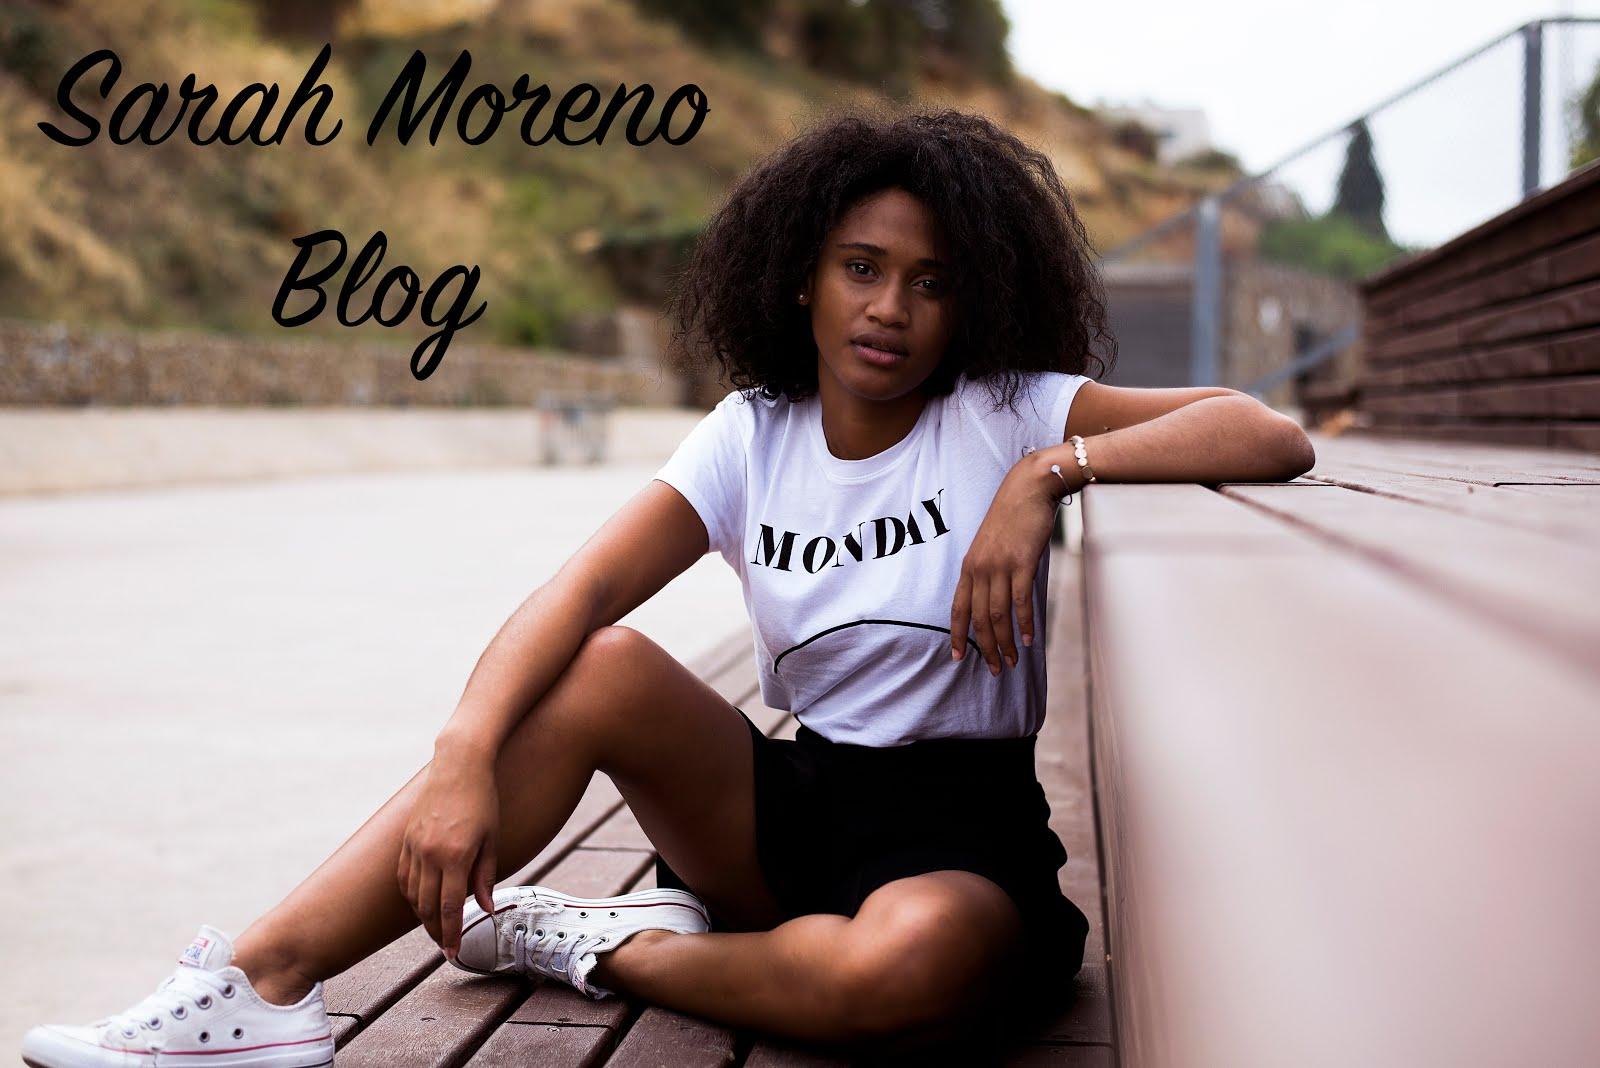 Sarah Moreno's Blog